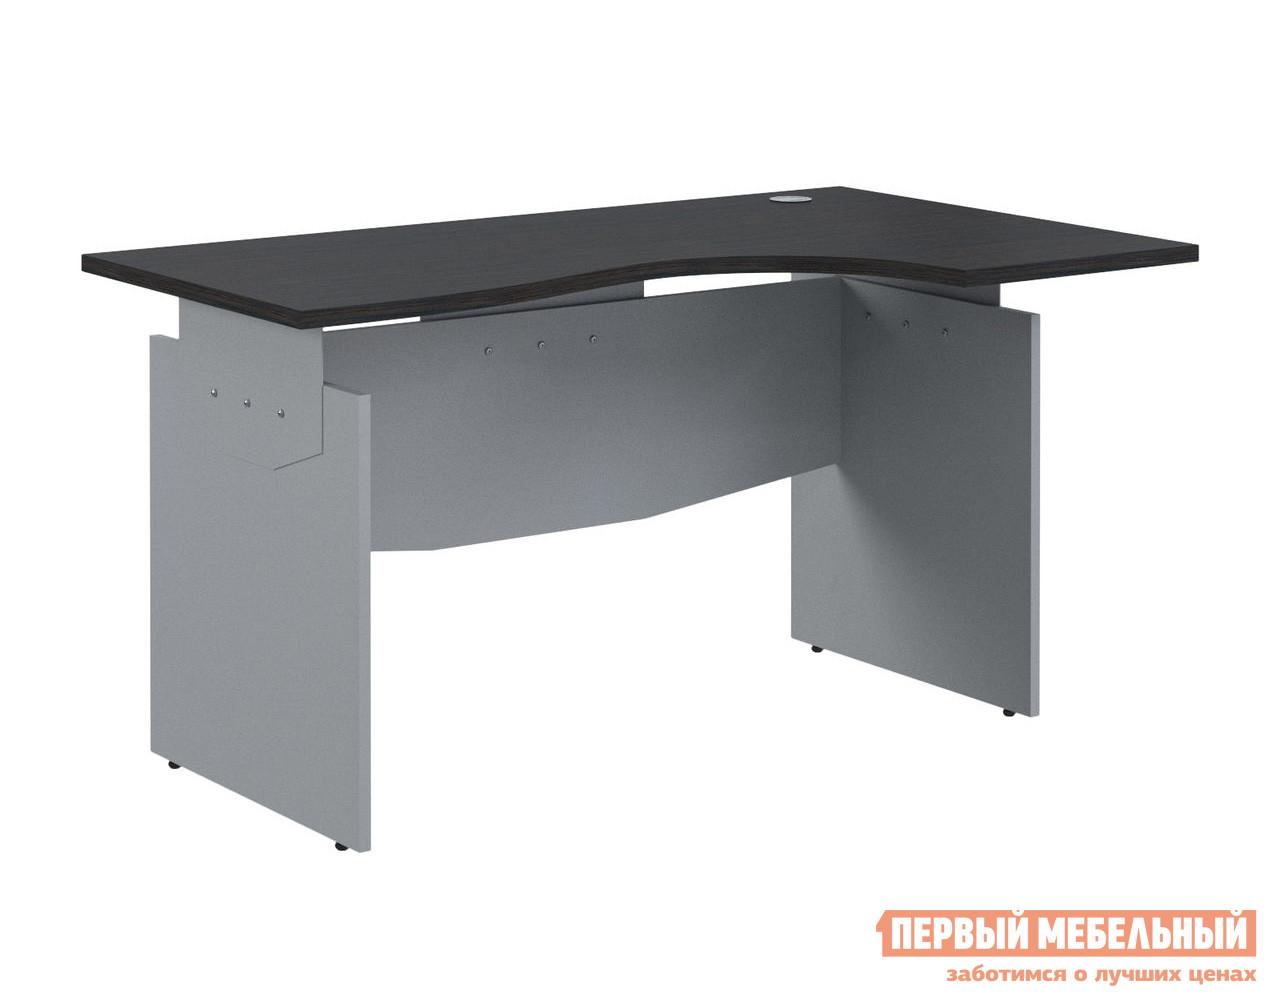 Письменный стол Тайпит OCET 149 R Правый письменный стол тайпит ocet 149 l левый